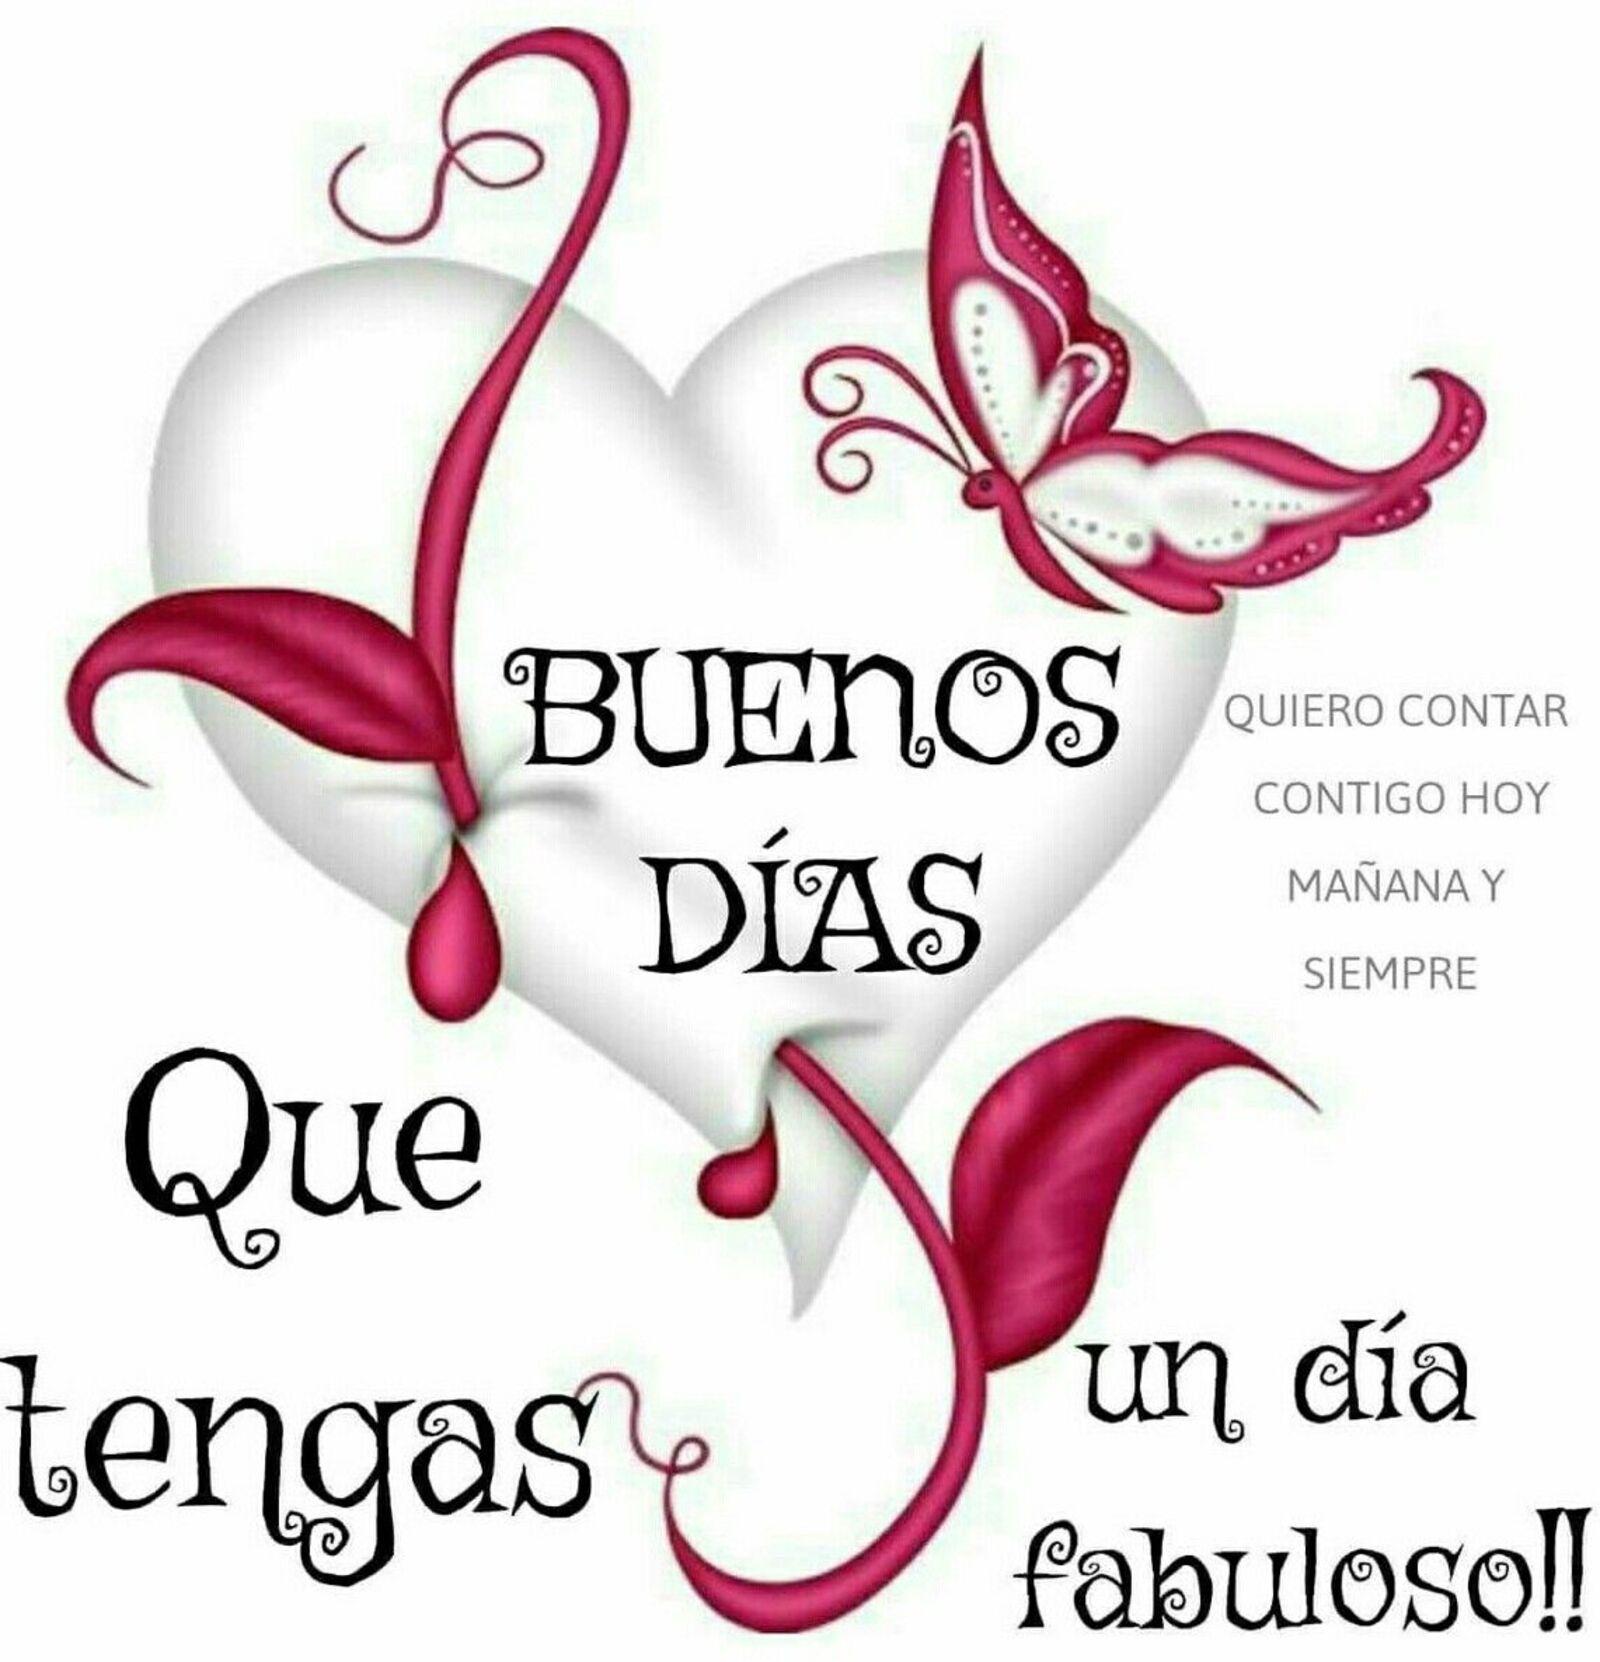 Buenos días, que tengas un día fabuloso !!